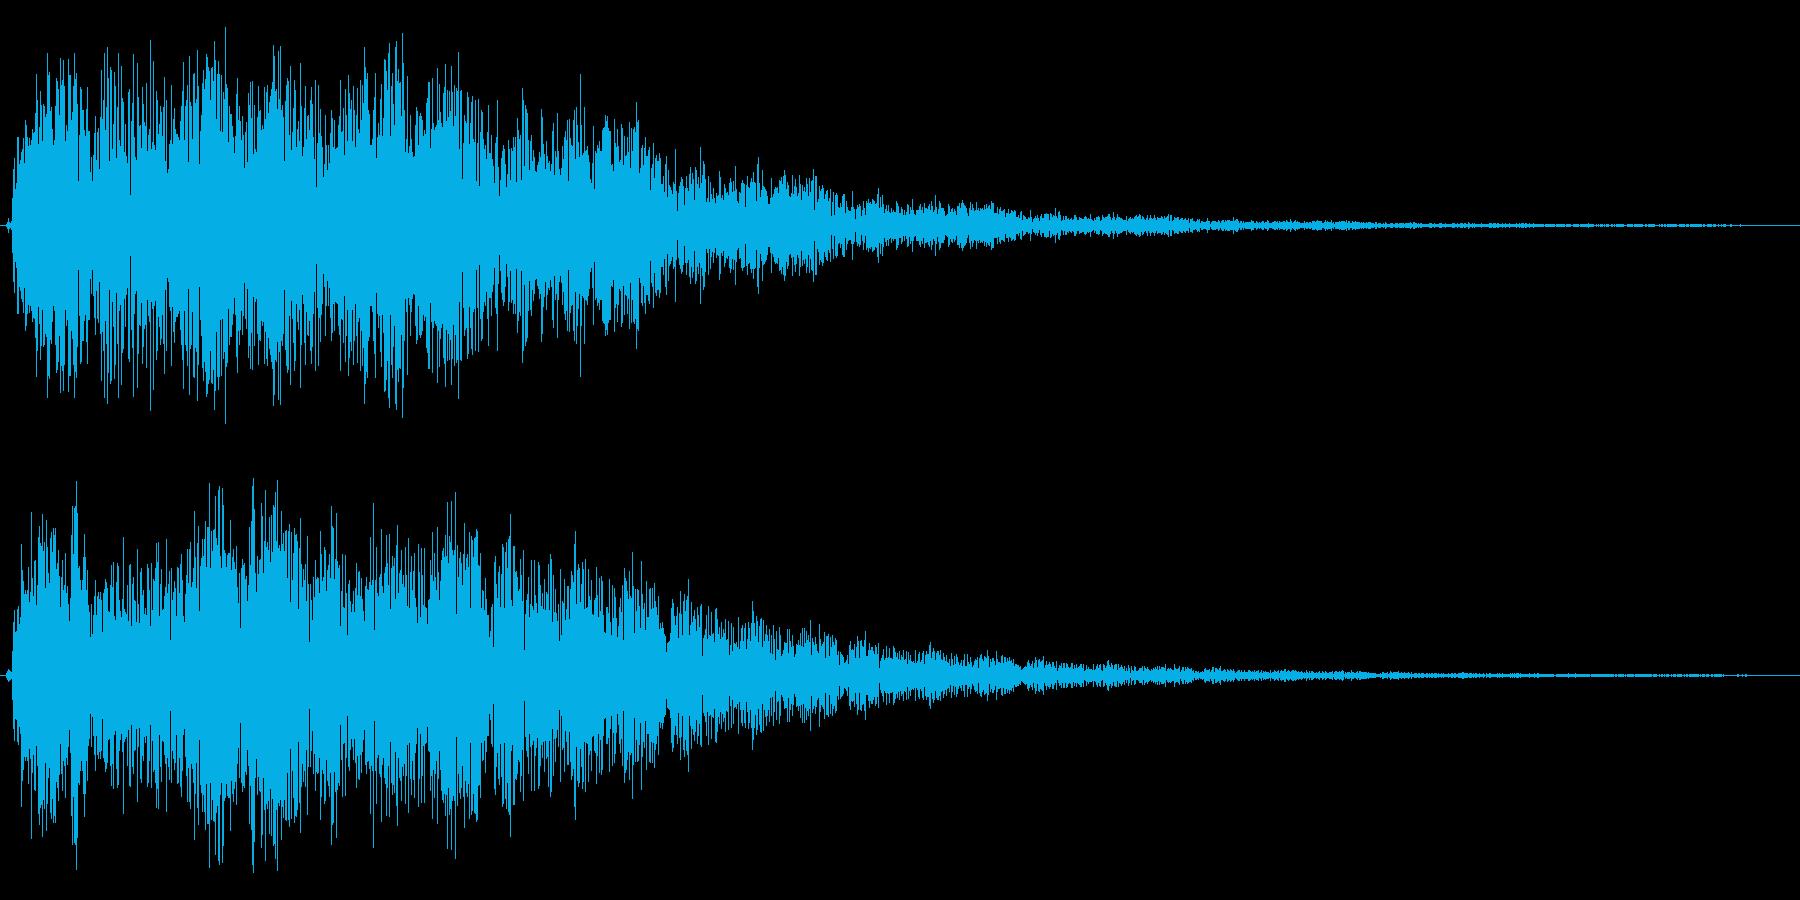 ブゥワァーンというタイトル音の再生済みの波形